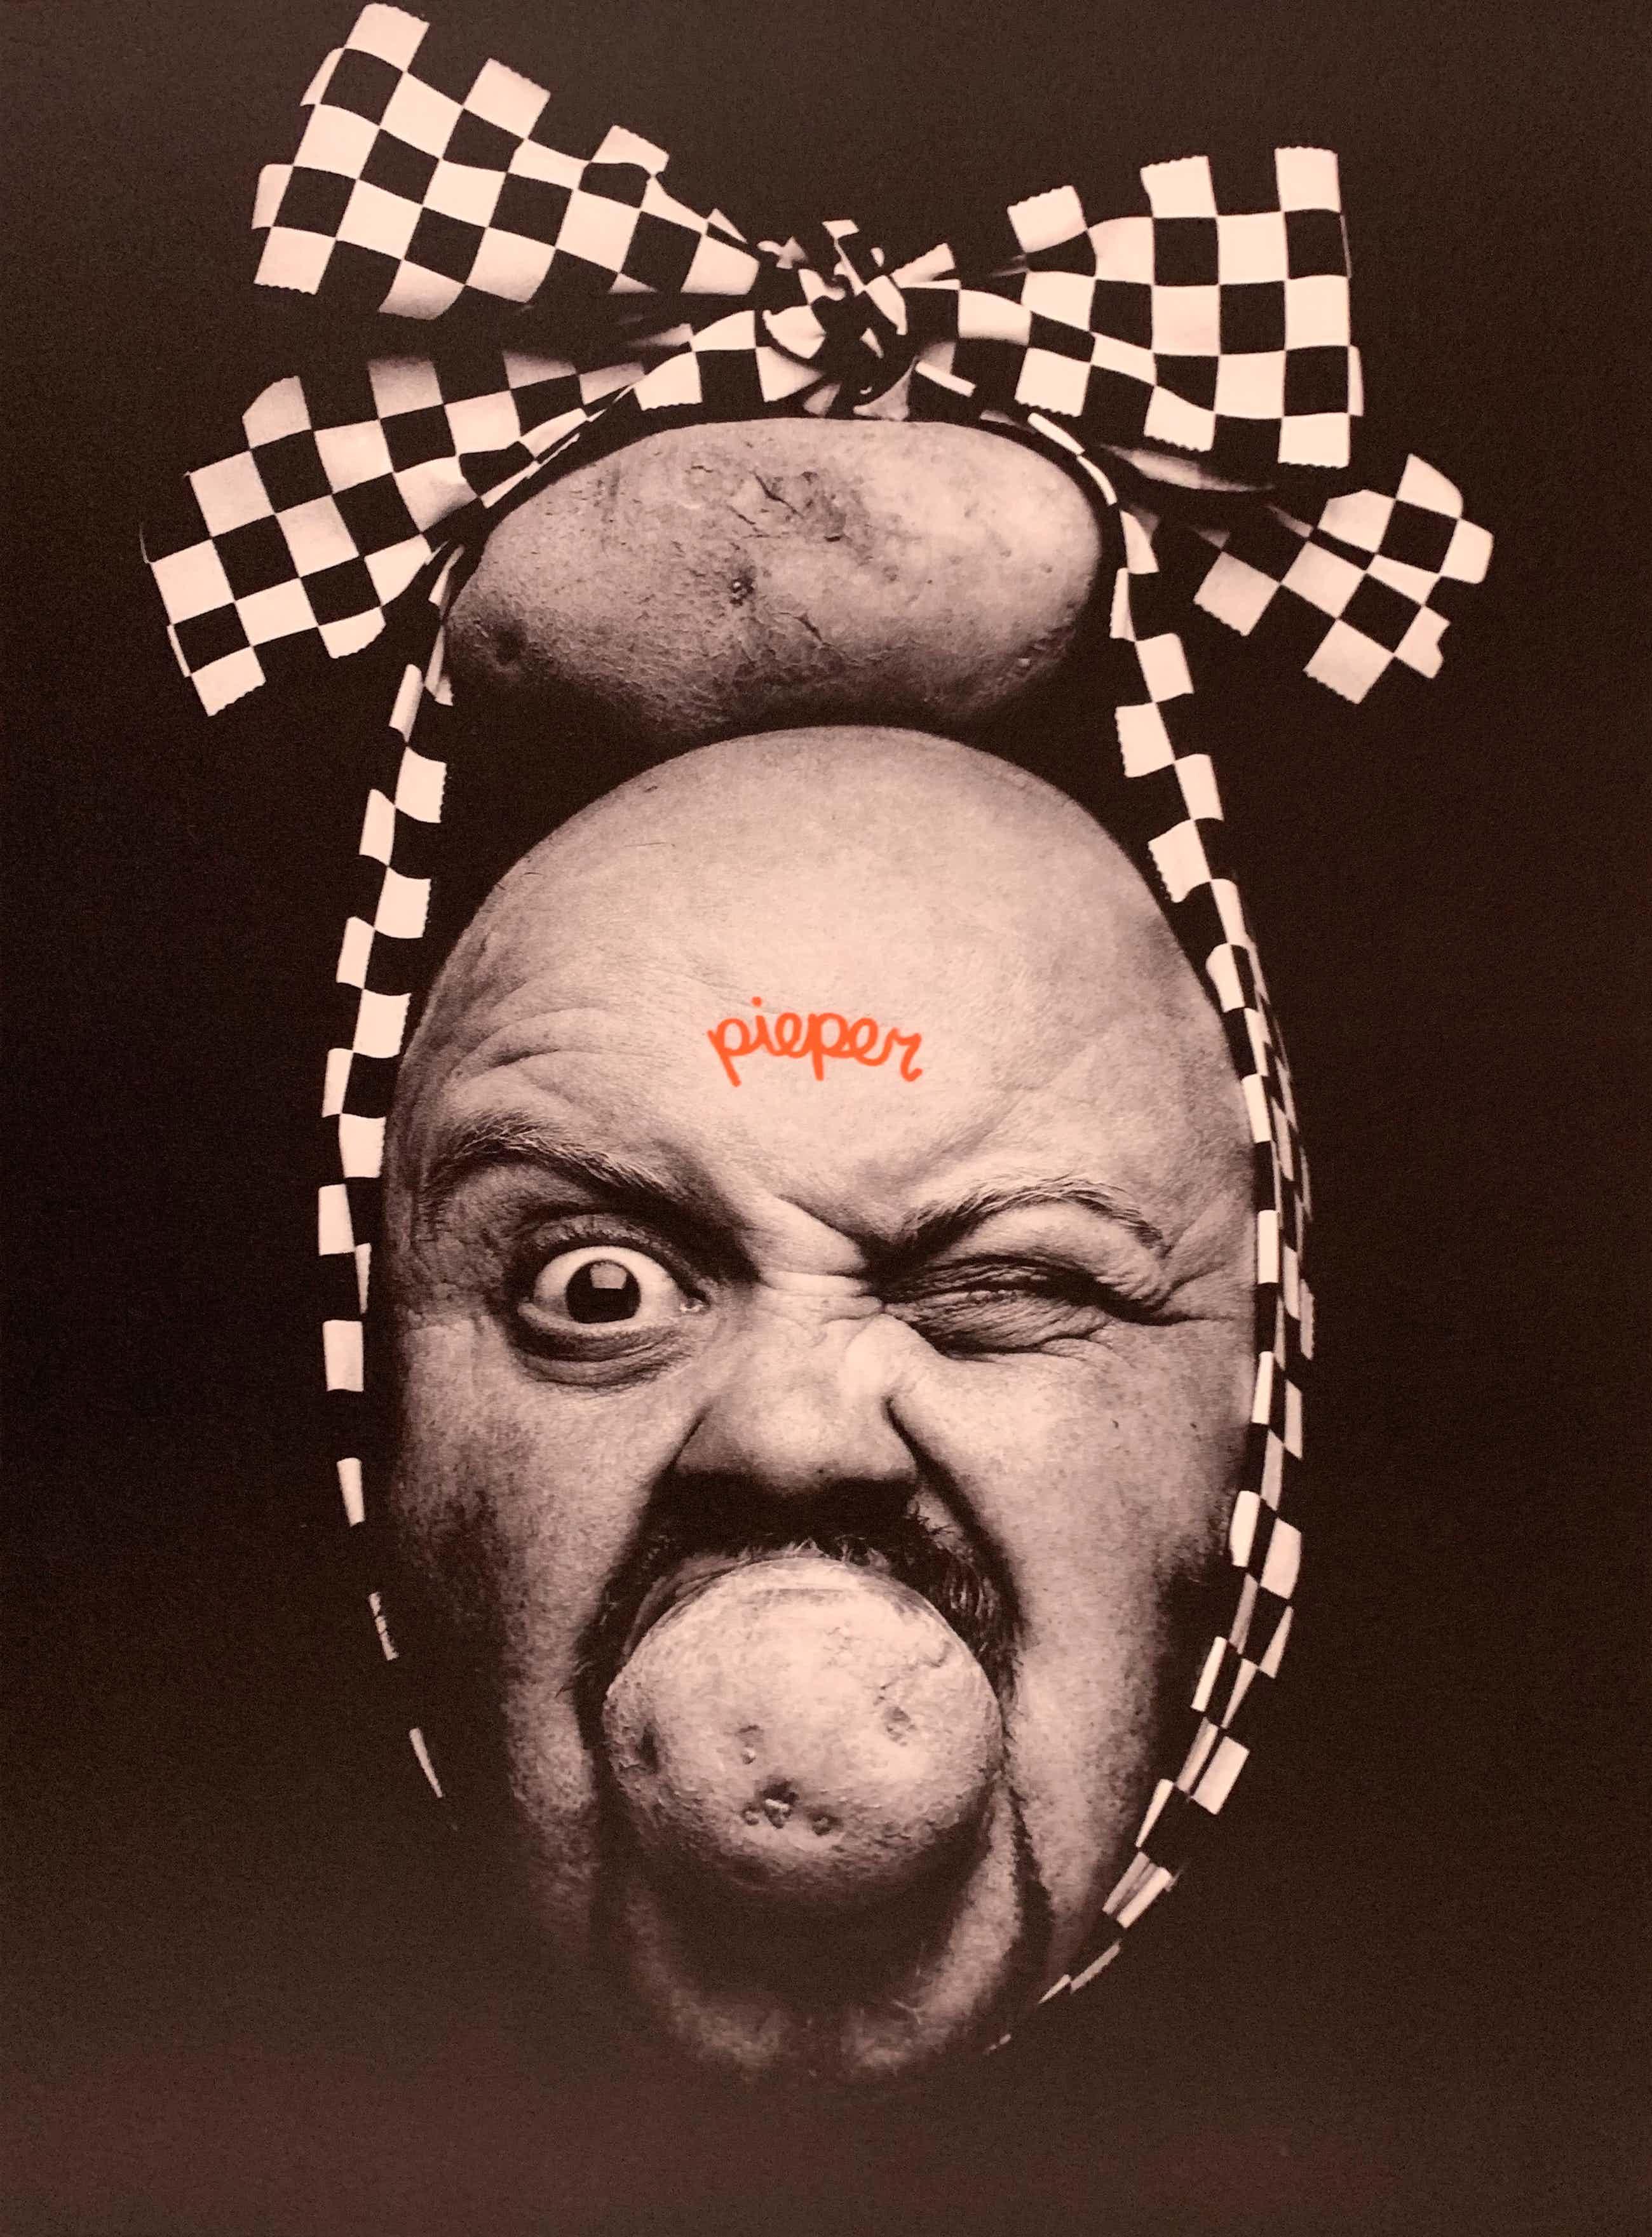 Erwin Olaf - 'Pieper' - 1999 - Oplage slechts 18 stuks (ZELDZAAM!) kopen? Bied vanaf 1000!